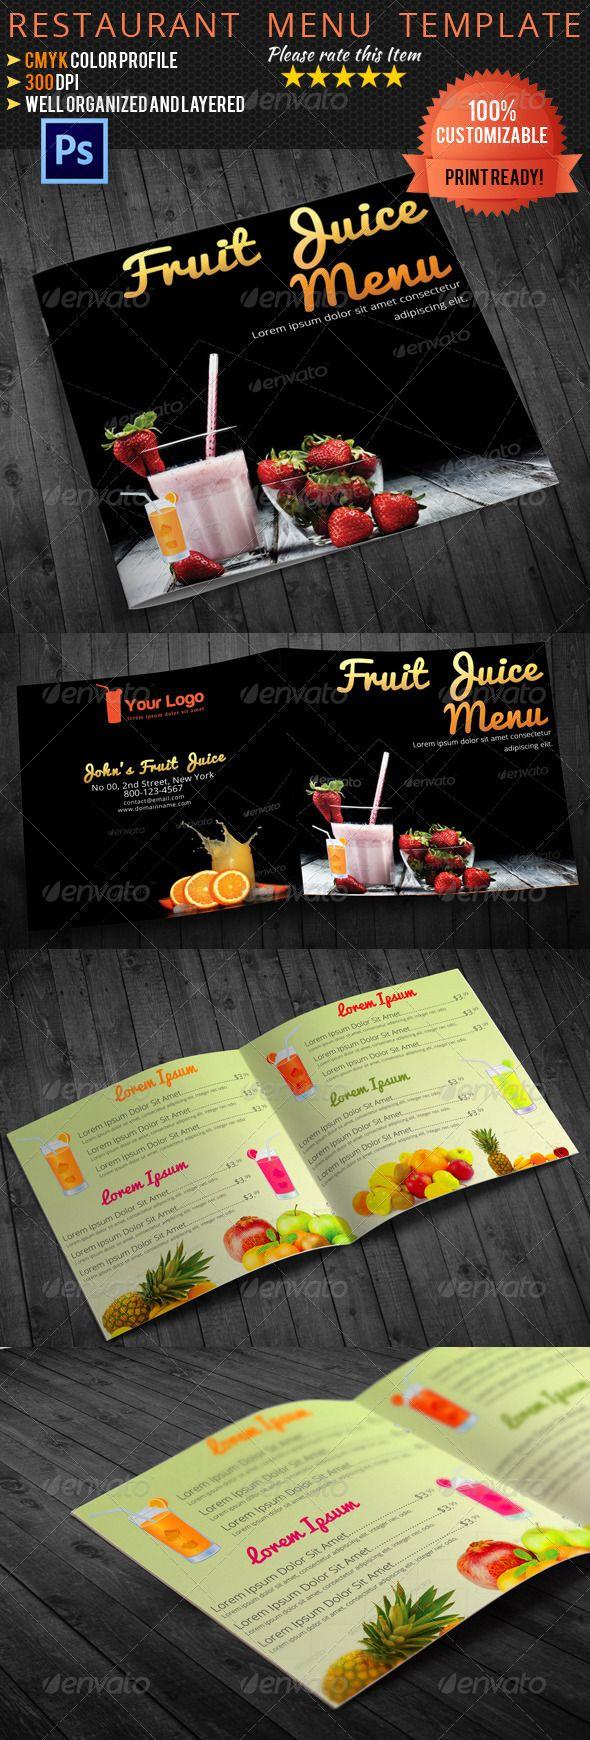 Bi Fold Square Fruit Juice Menu Template Juice Menu Menu Template Fruit Juice